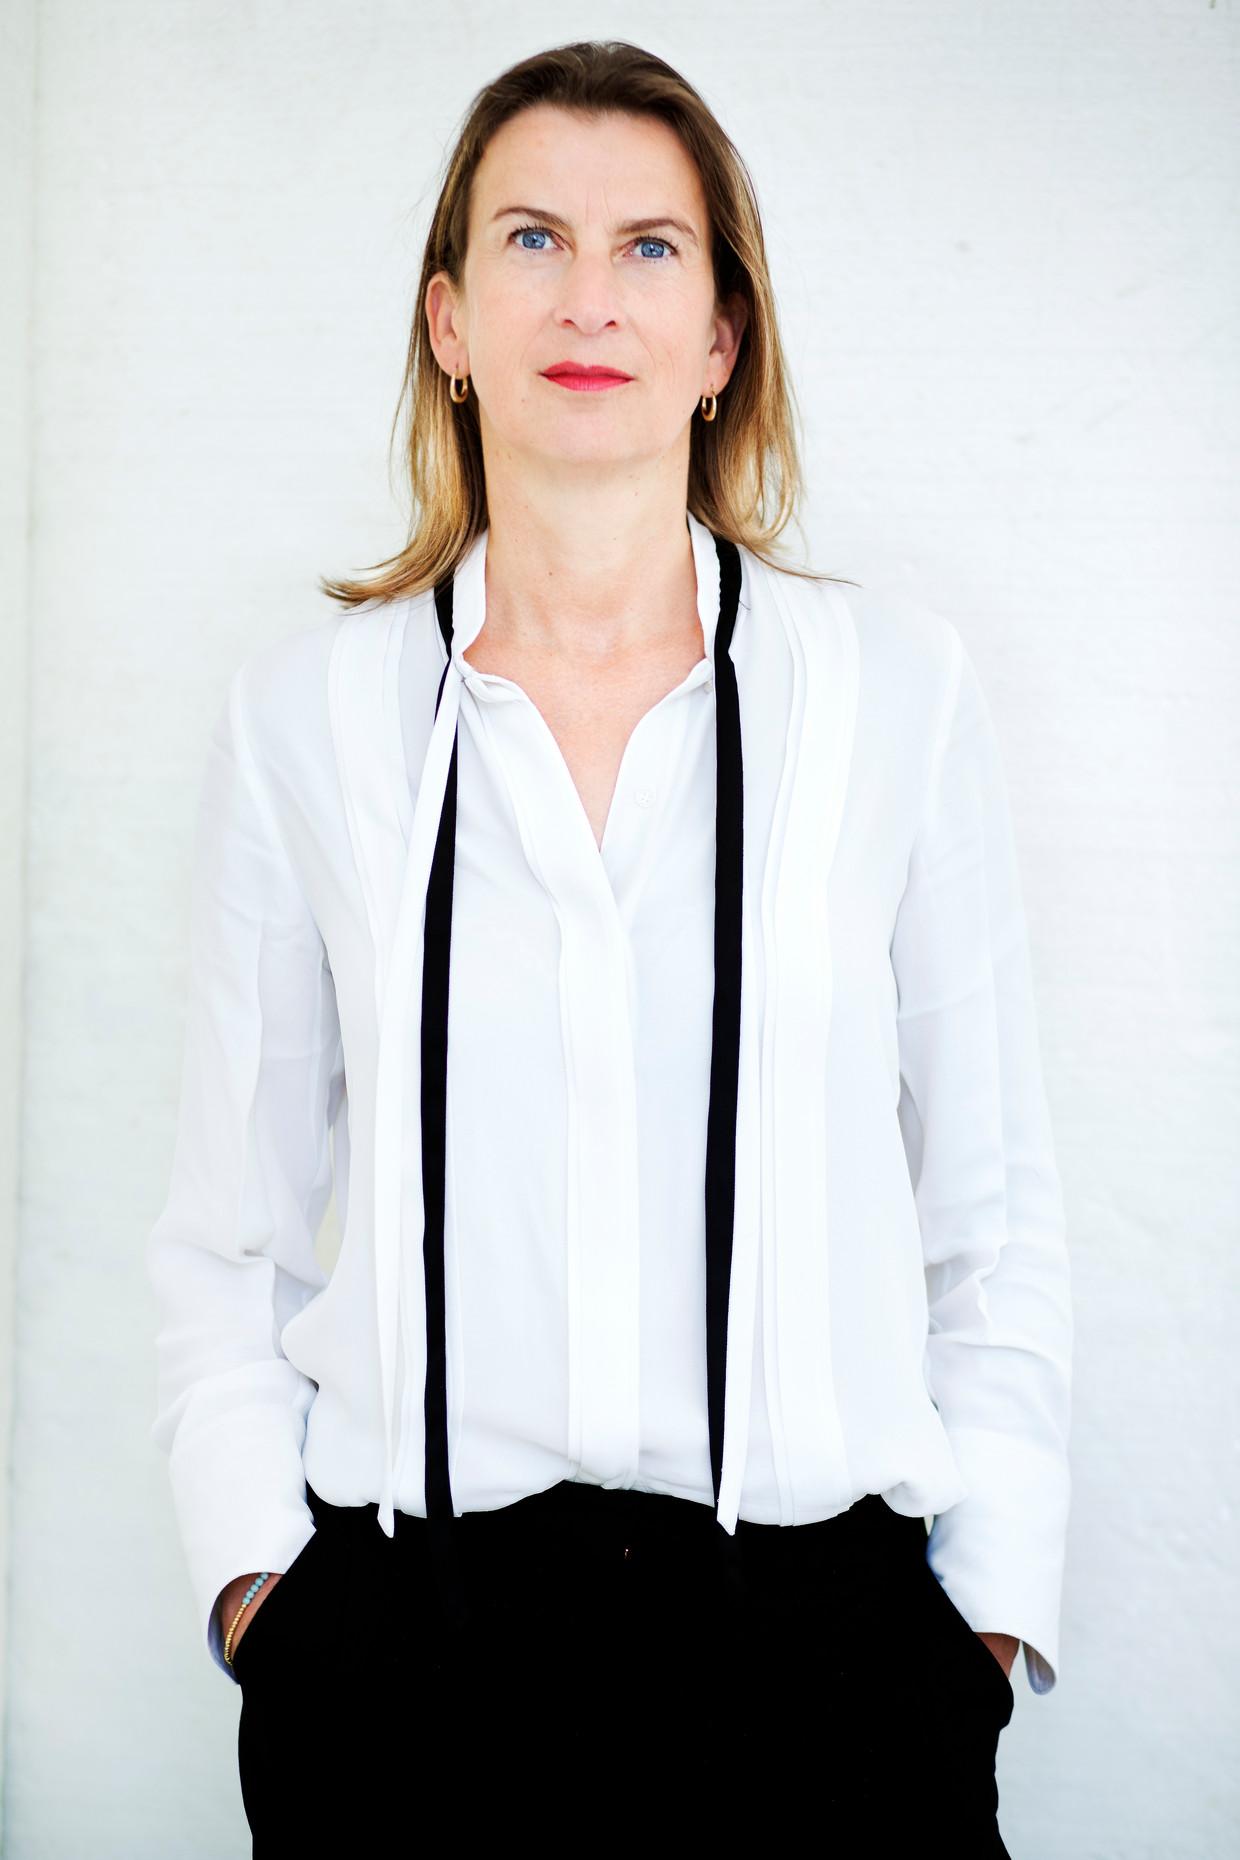 Emily Ansenk verhuist naar Amsterdam voor haar nieuwe baan als directeur van het Holland Festival.' Beeld Lenny oosterwijk